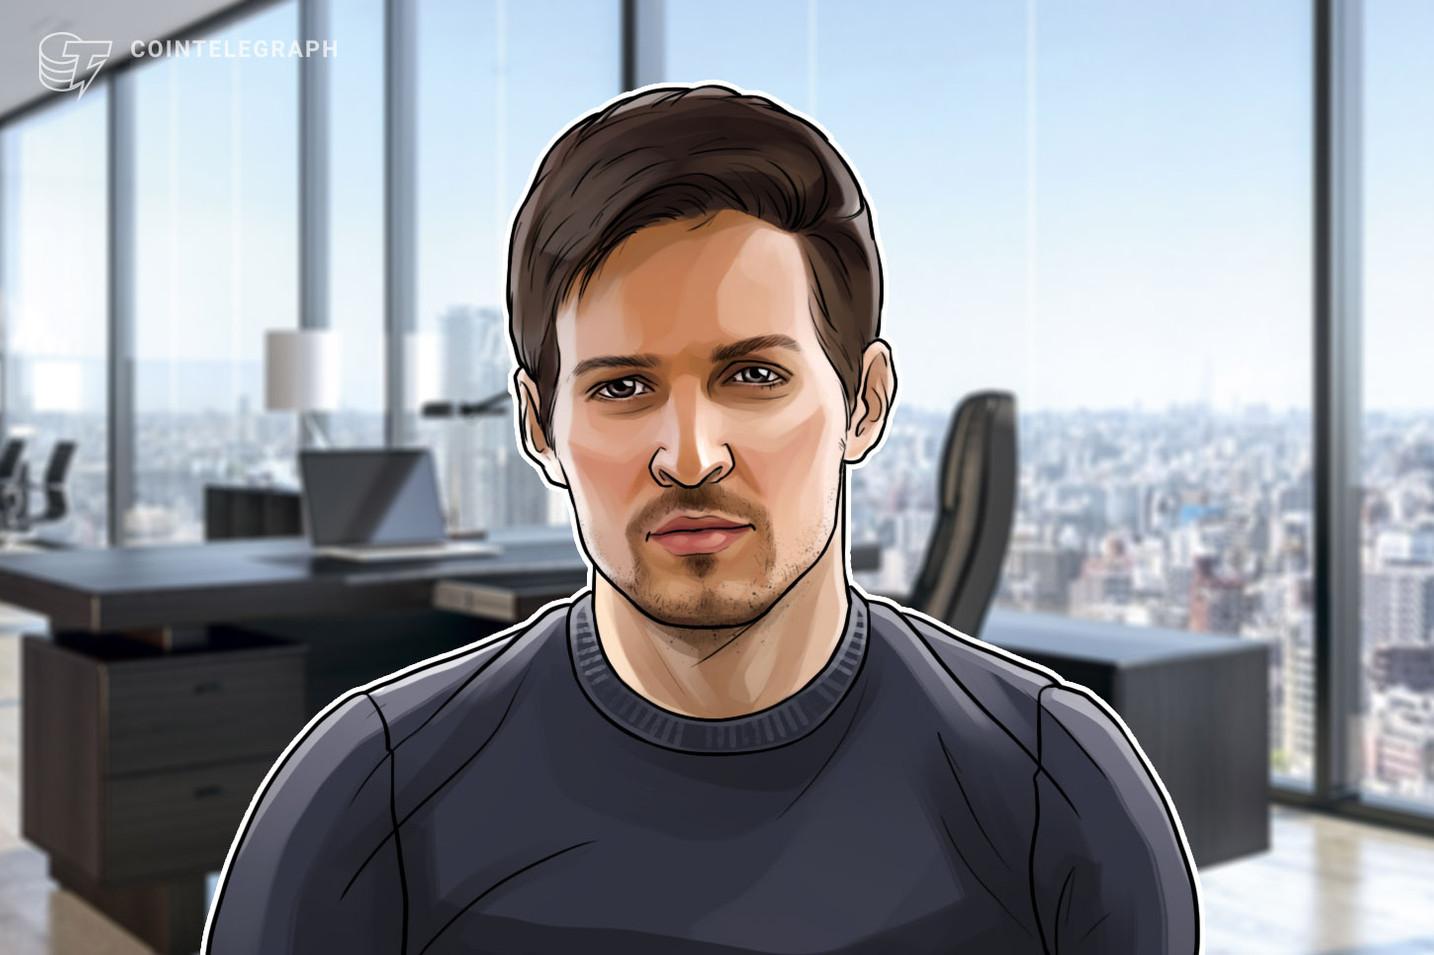 Pavel Durov critica Facebook per aver permesso la proliferazione di truffe crypto